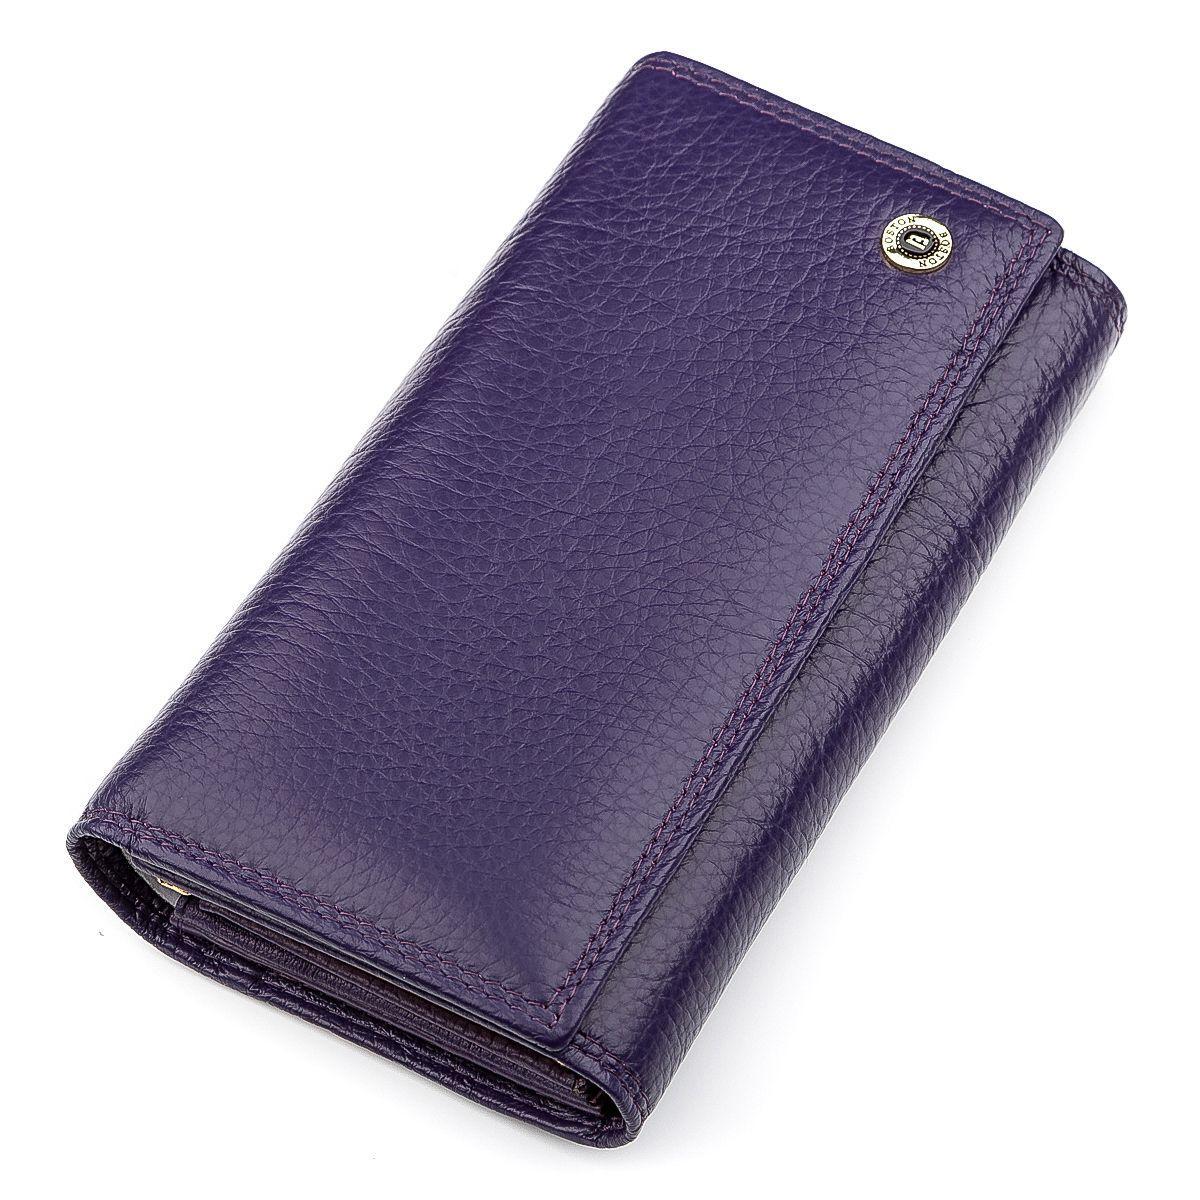 Кошелек Женский Boston 18488 (S9001B) Очень Много Отделений Фиолетовый, Фиолетовый